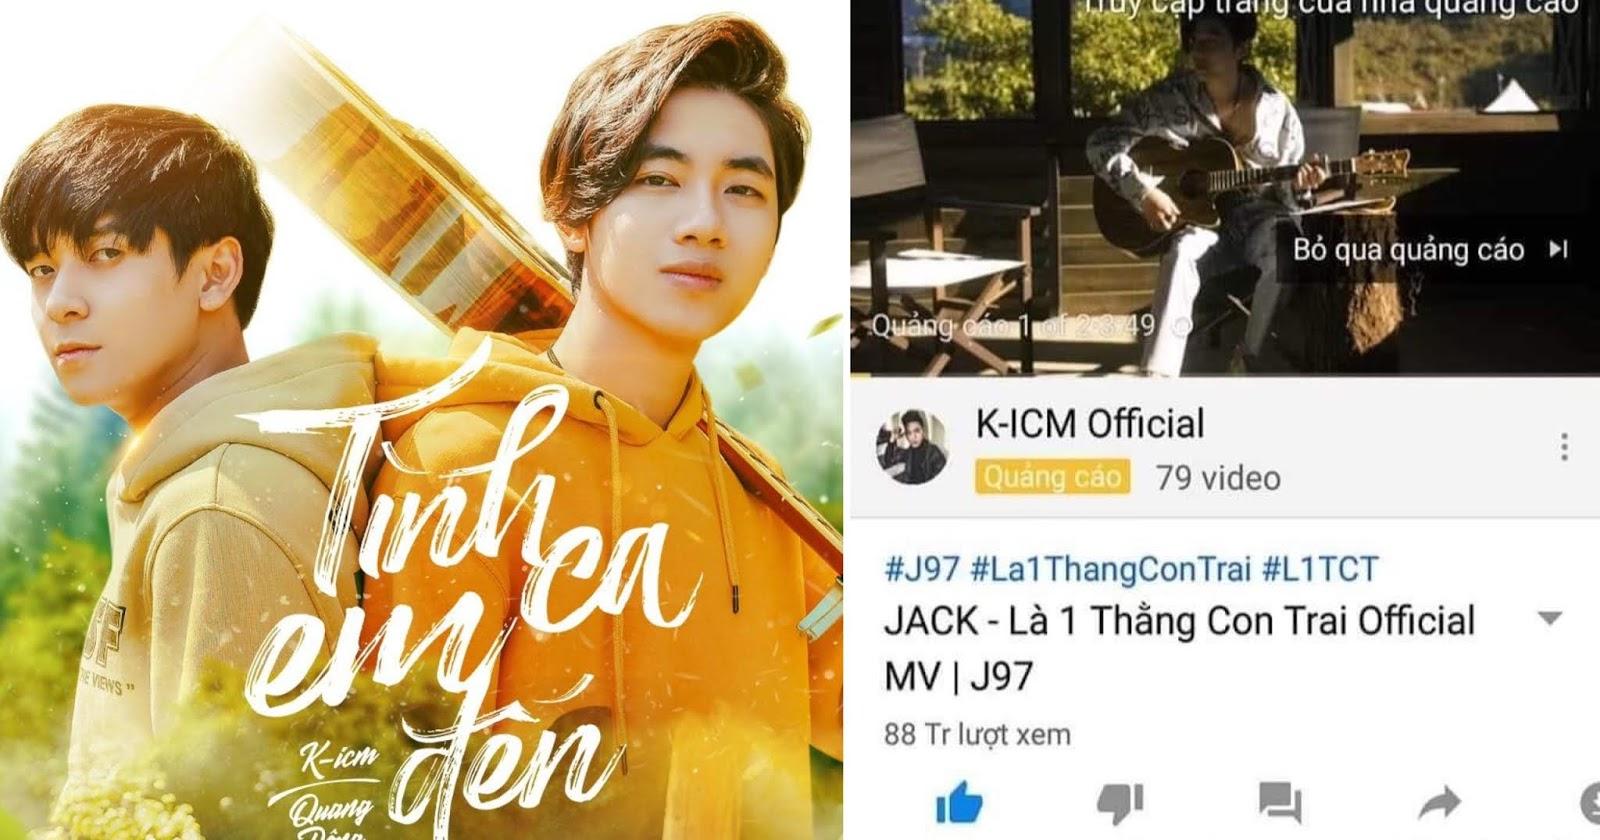 Mang tiếng là tặng fan nhưng K-ICM lại chạy quảng cáo sản phẩm mới trong MV của Jack?